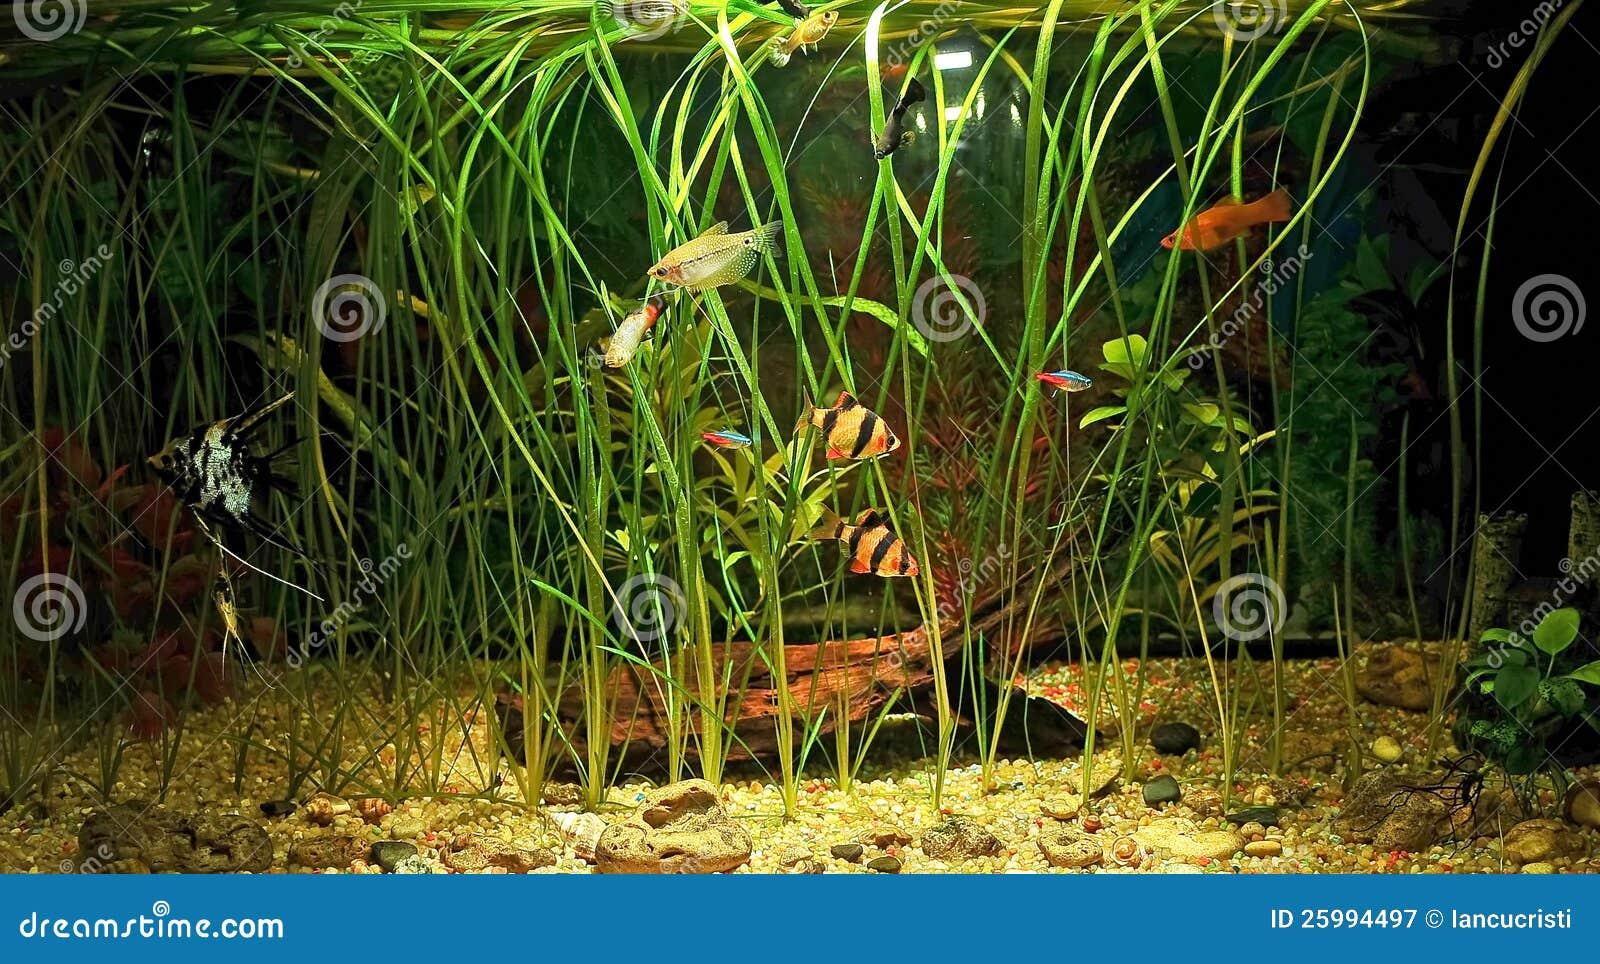 Fish for natural aquarium - Aquarium With Many Fish And Natural Plants 120 L